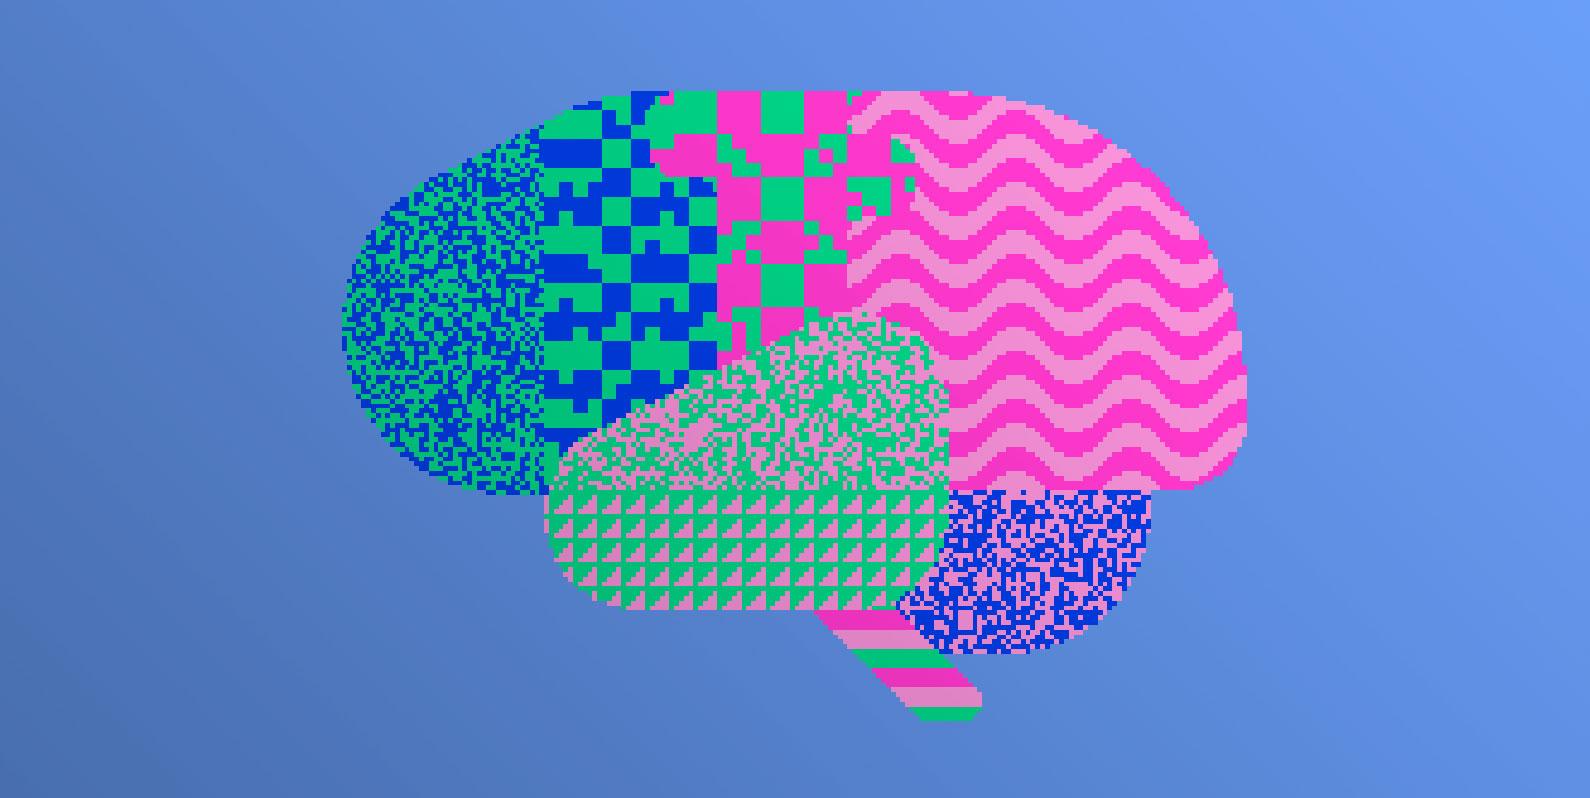 Os cientistas descobriram uma maneira de decodificar os sinais do cérebro em discurso